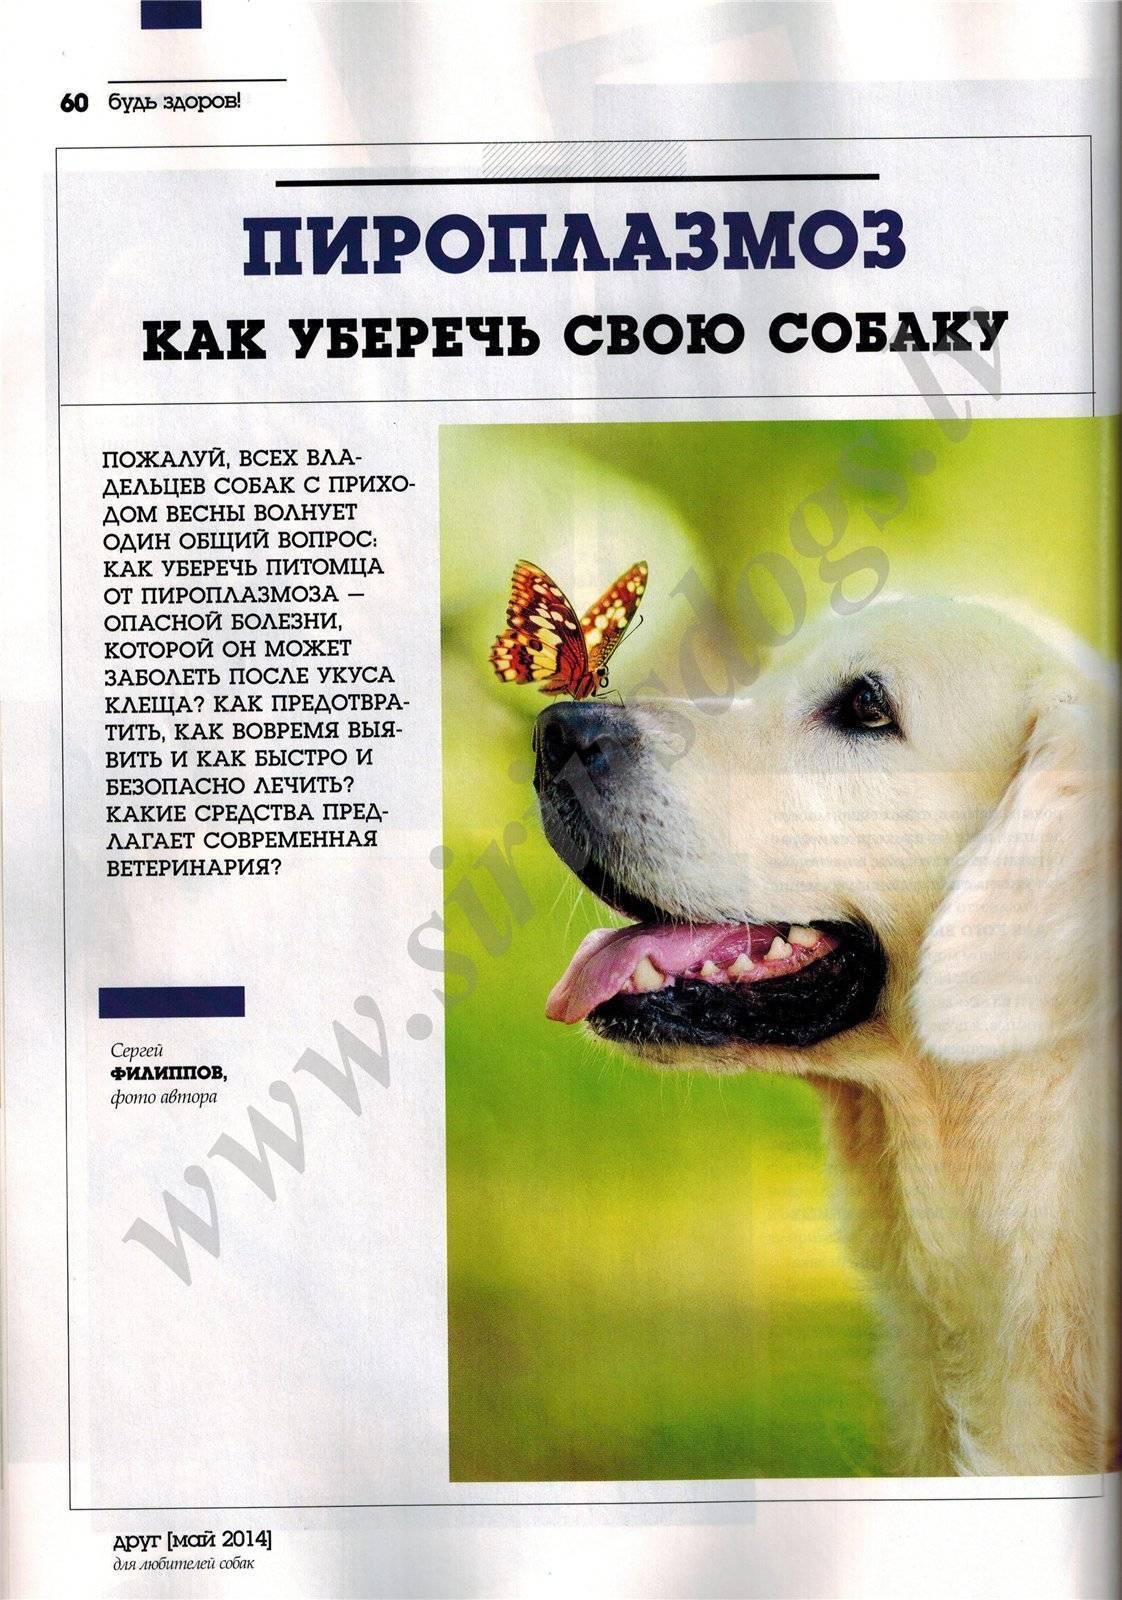 Пироплазмоз у собак (бабезиоз)